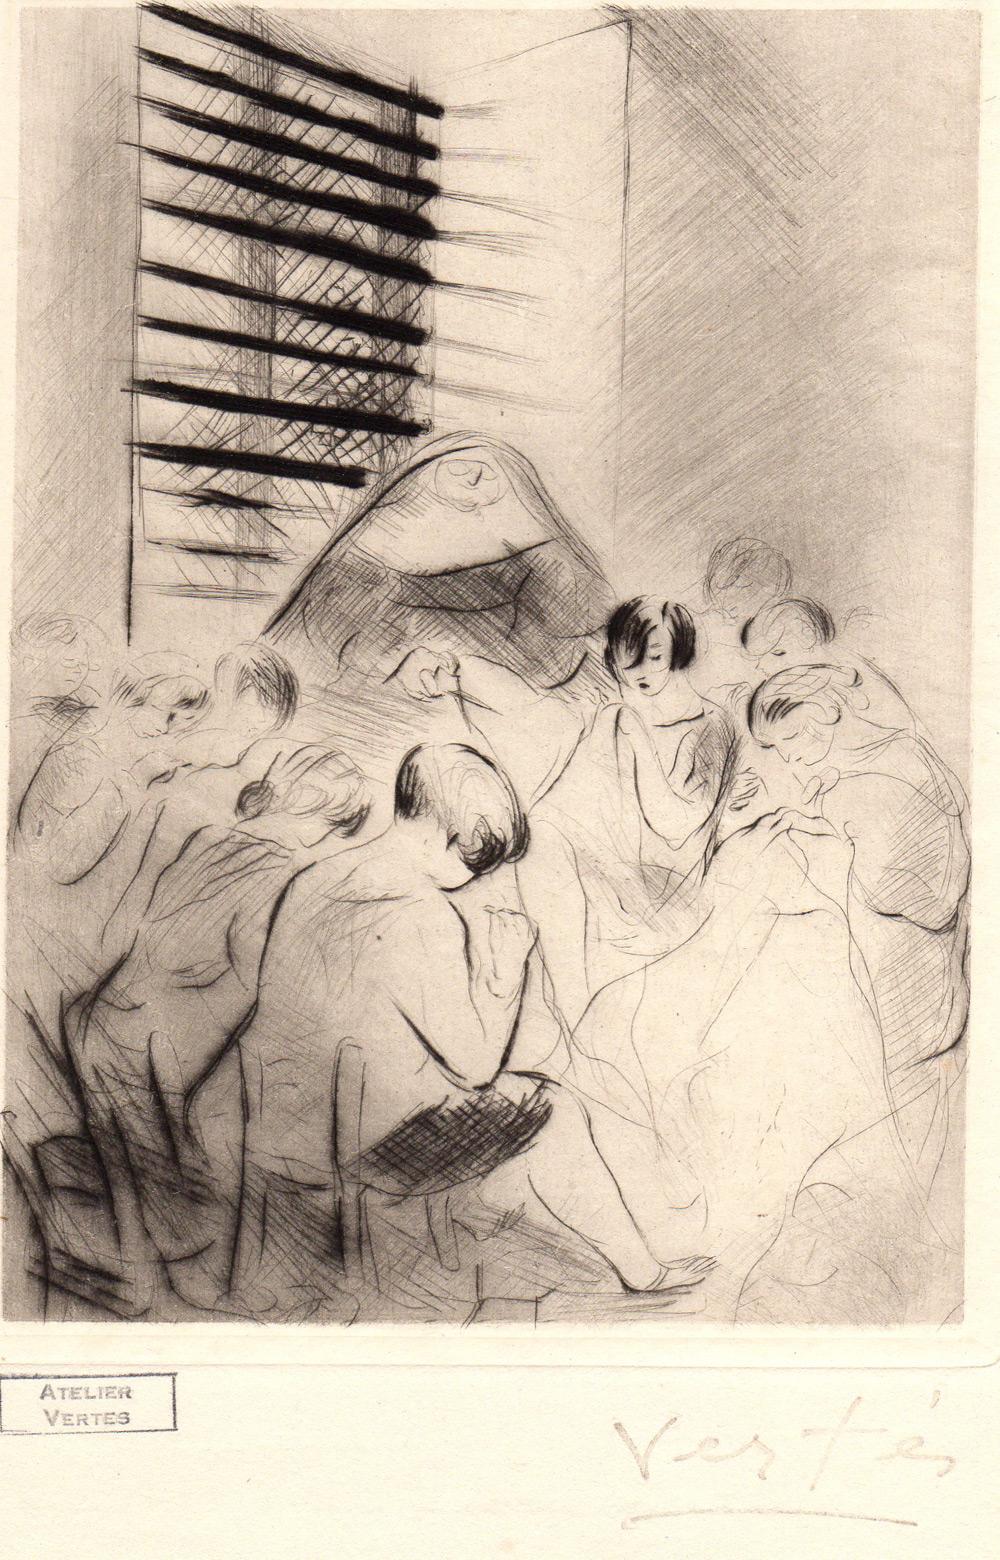 Prisonnières faisant des travaux de coutures | Prisonnières faisant des travaux de coutures | Marcel Vertès